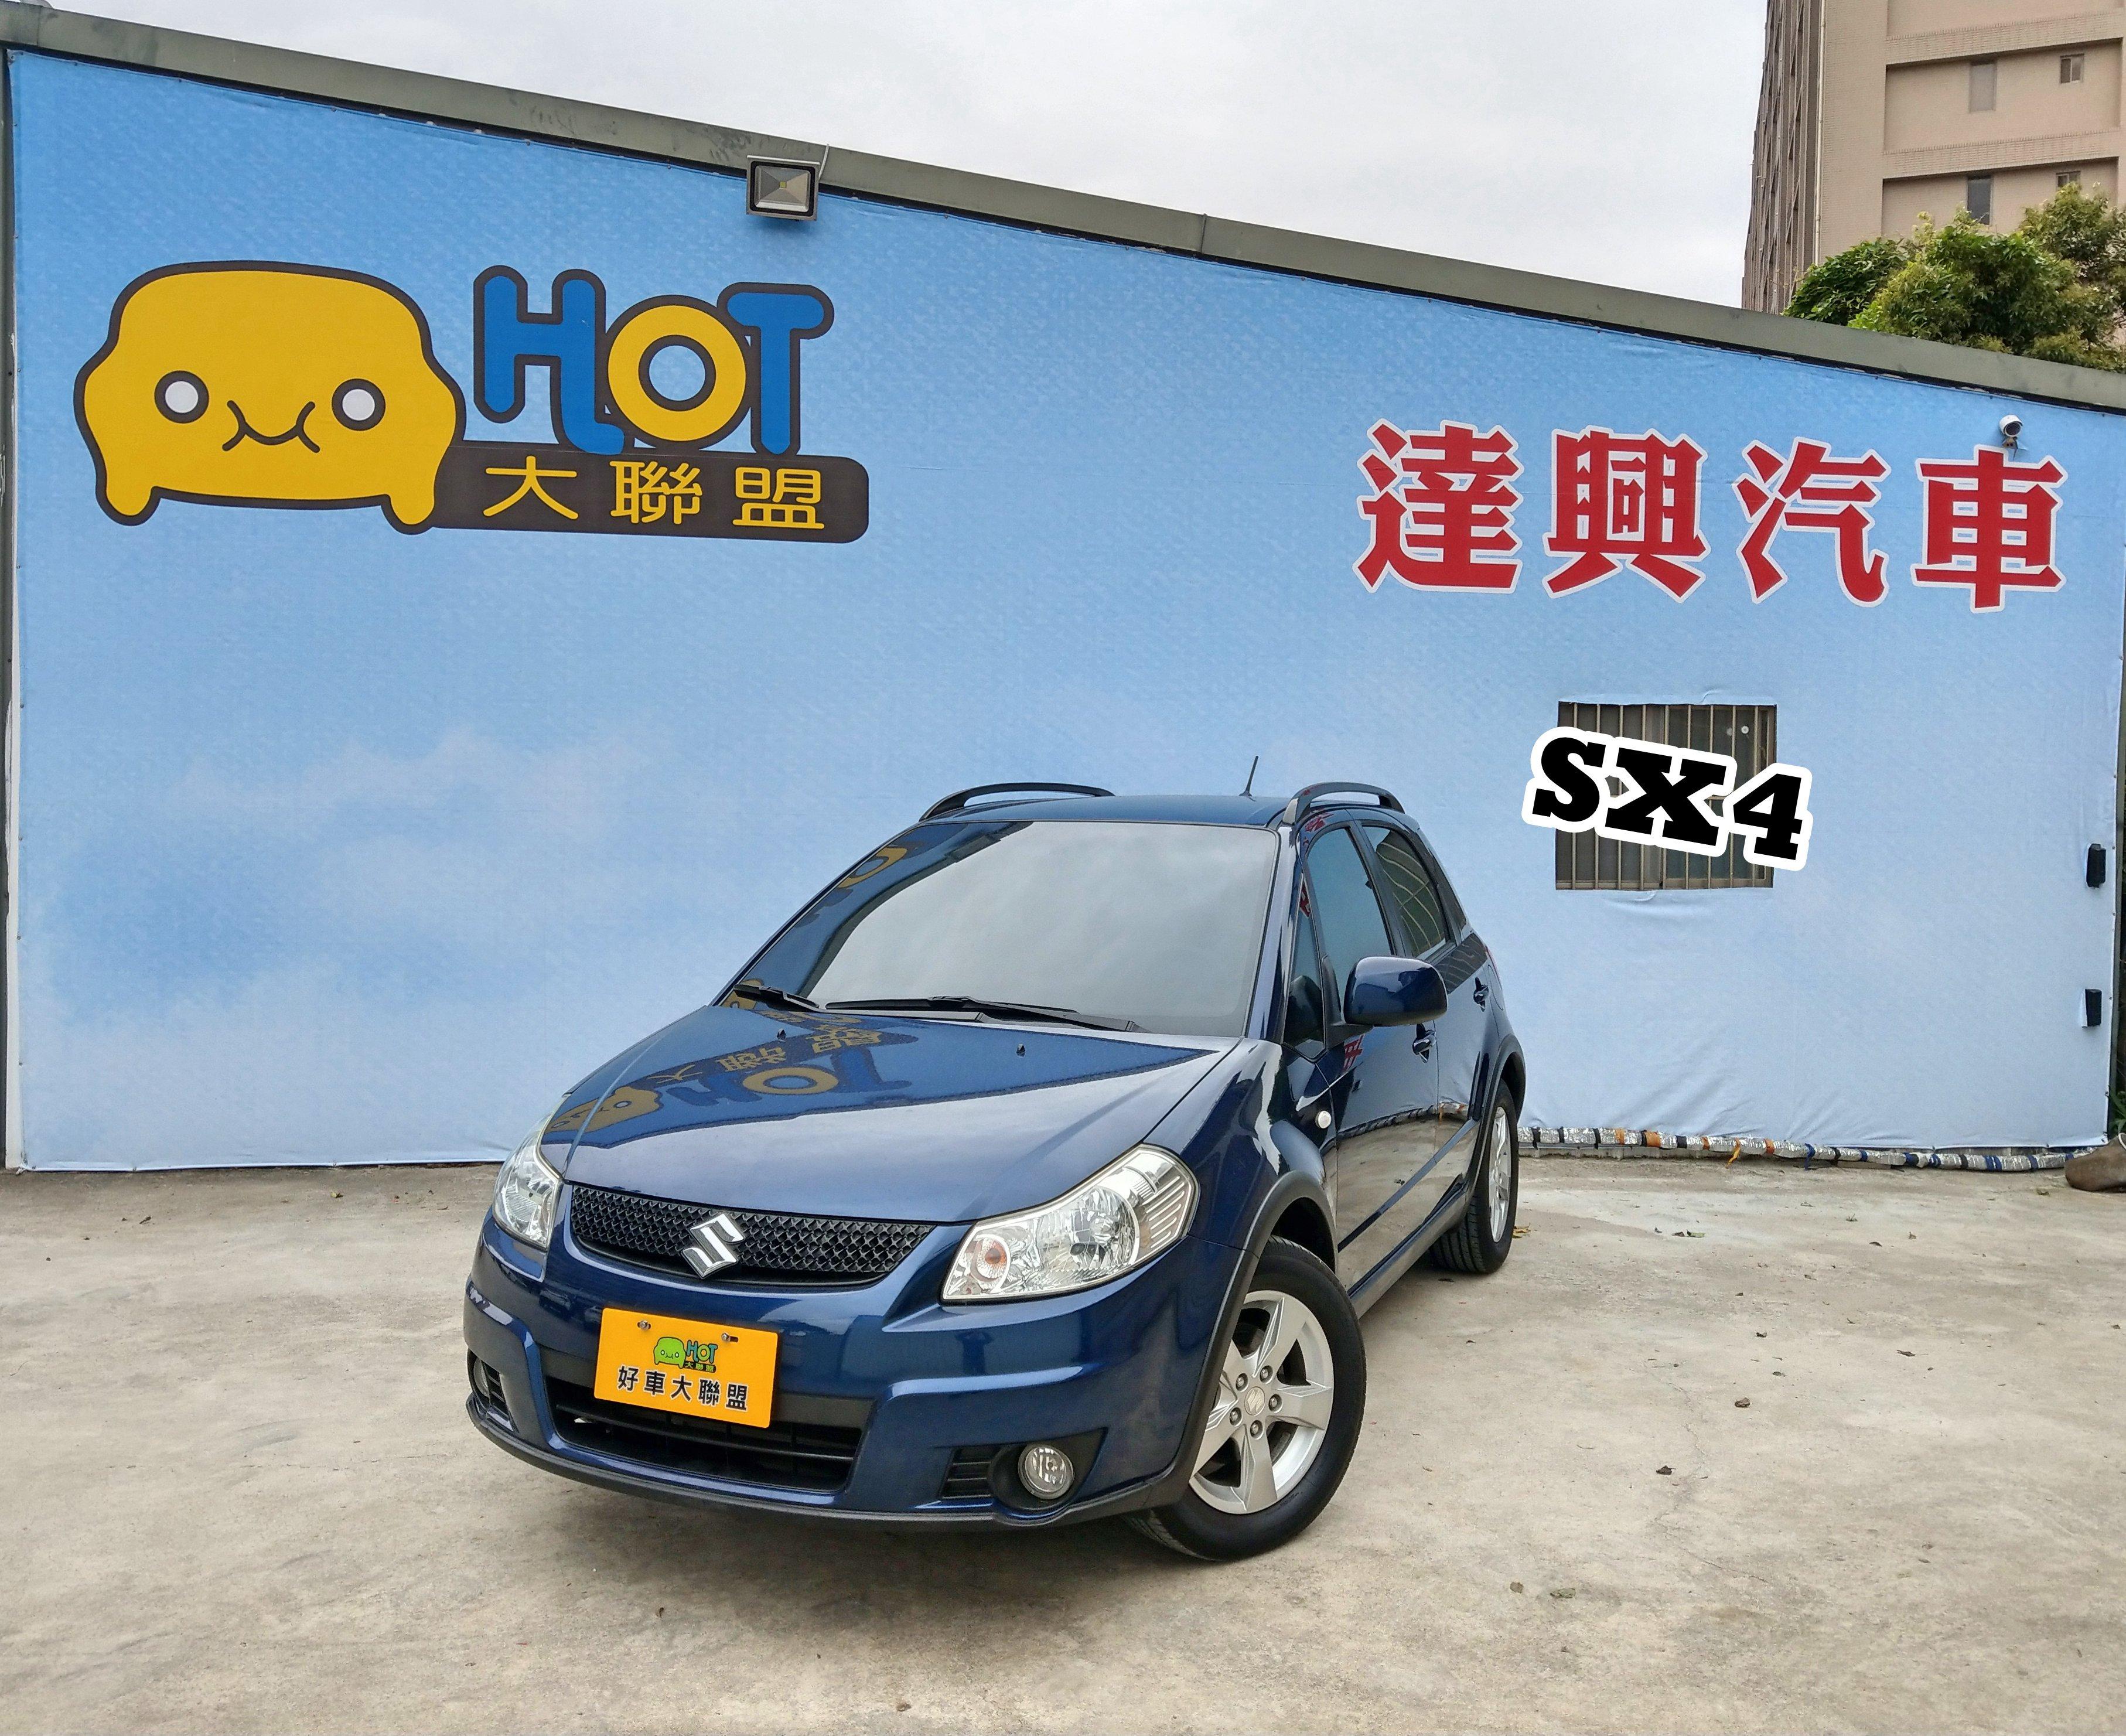 2012 Suzuki 鈴木 Sx4